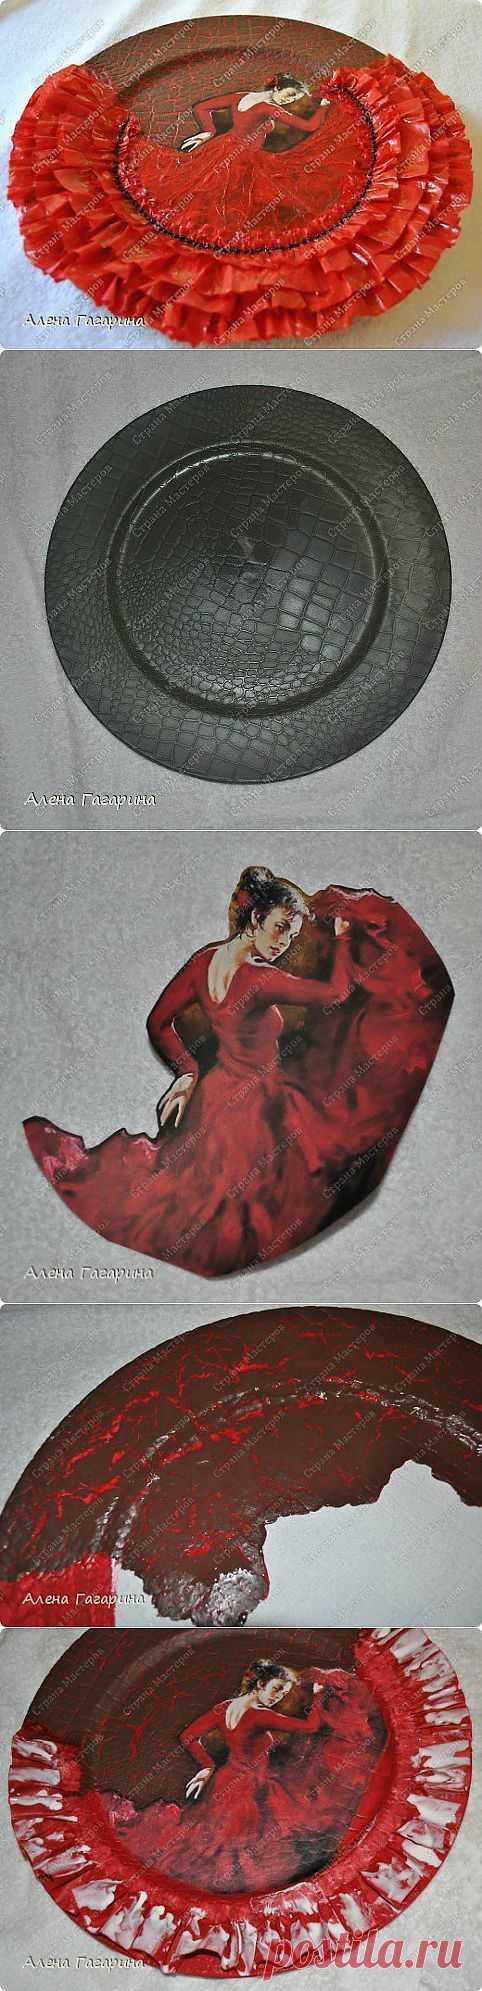 """Декупаж. Потрясающая тарелка """"Танцовщица Фламенко"""". Подробный мастер-класс + авторские воплощения!."""